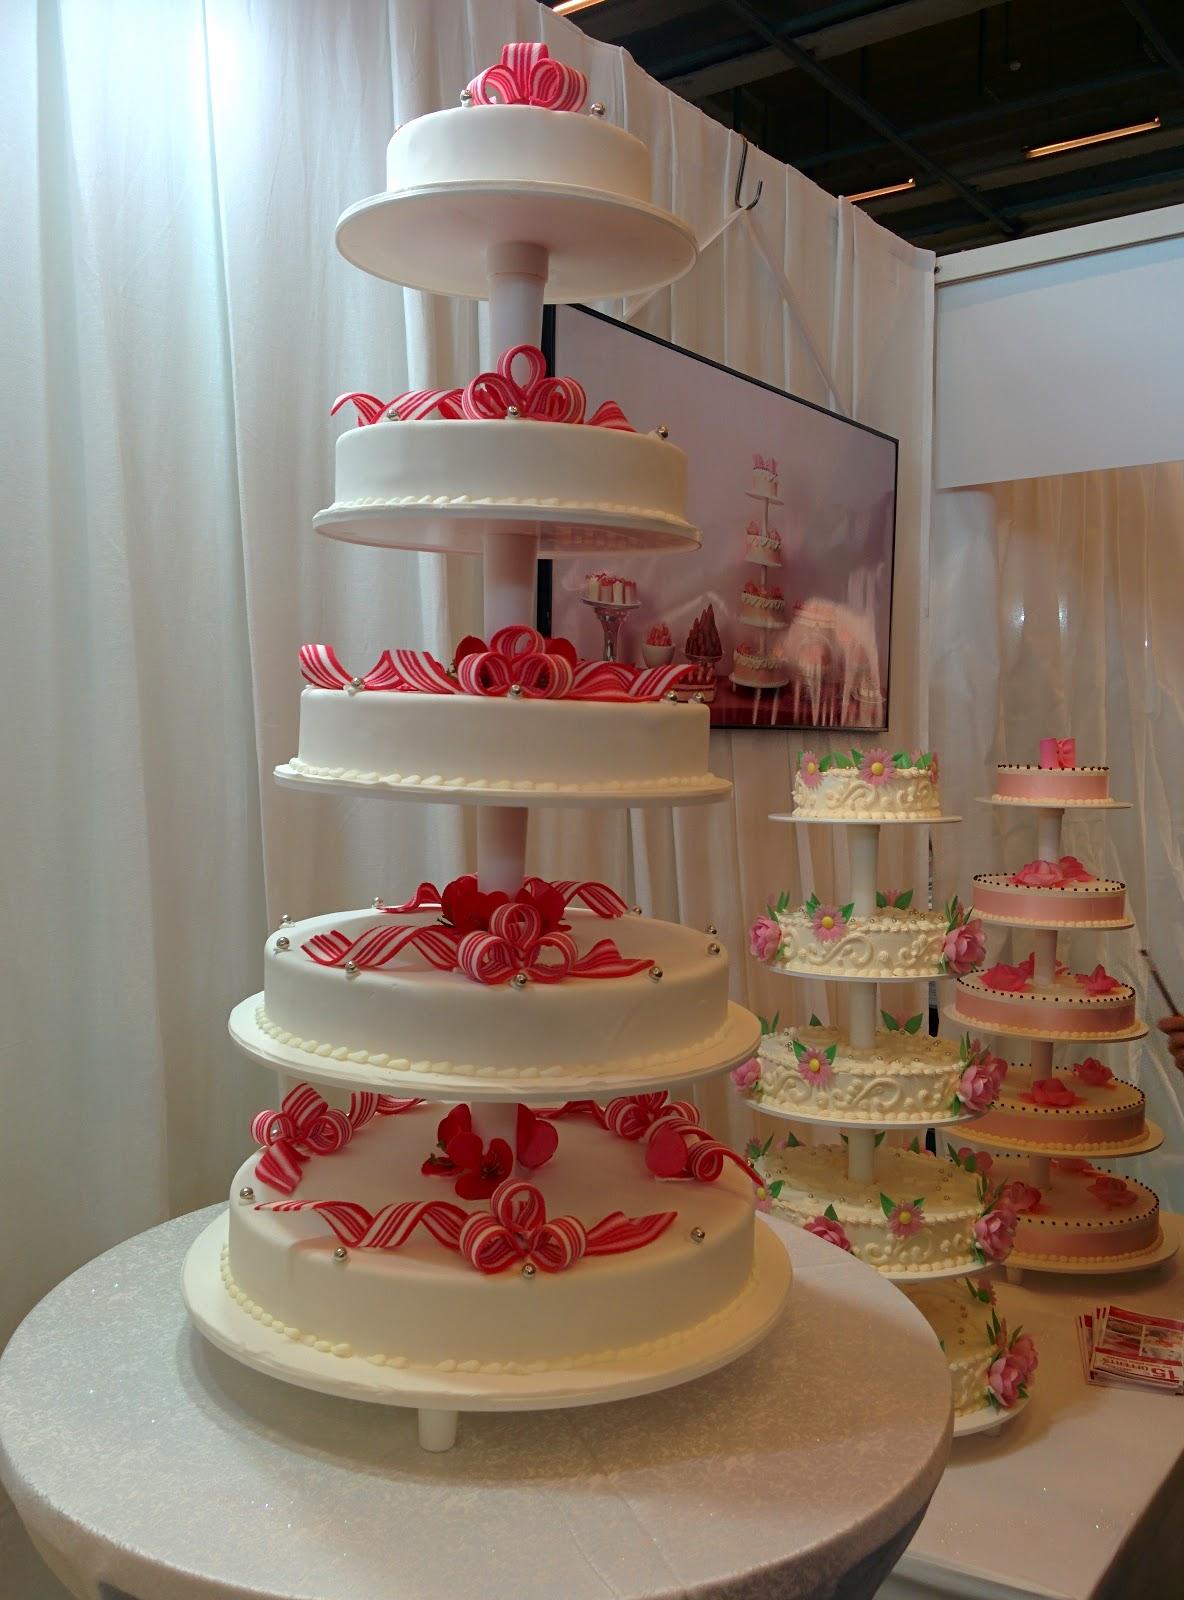 Le salon du mariage paris porte de versailles edition for Porte de versailles salon mariage